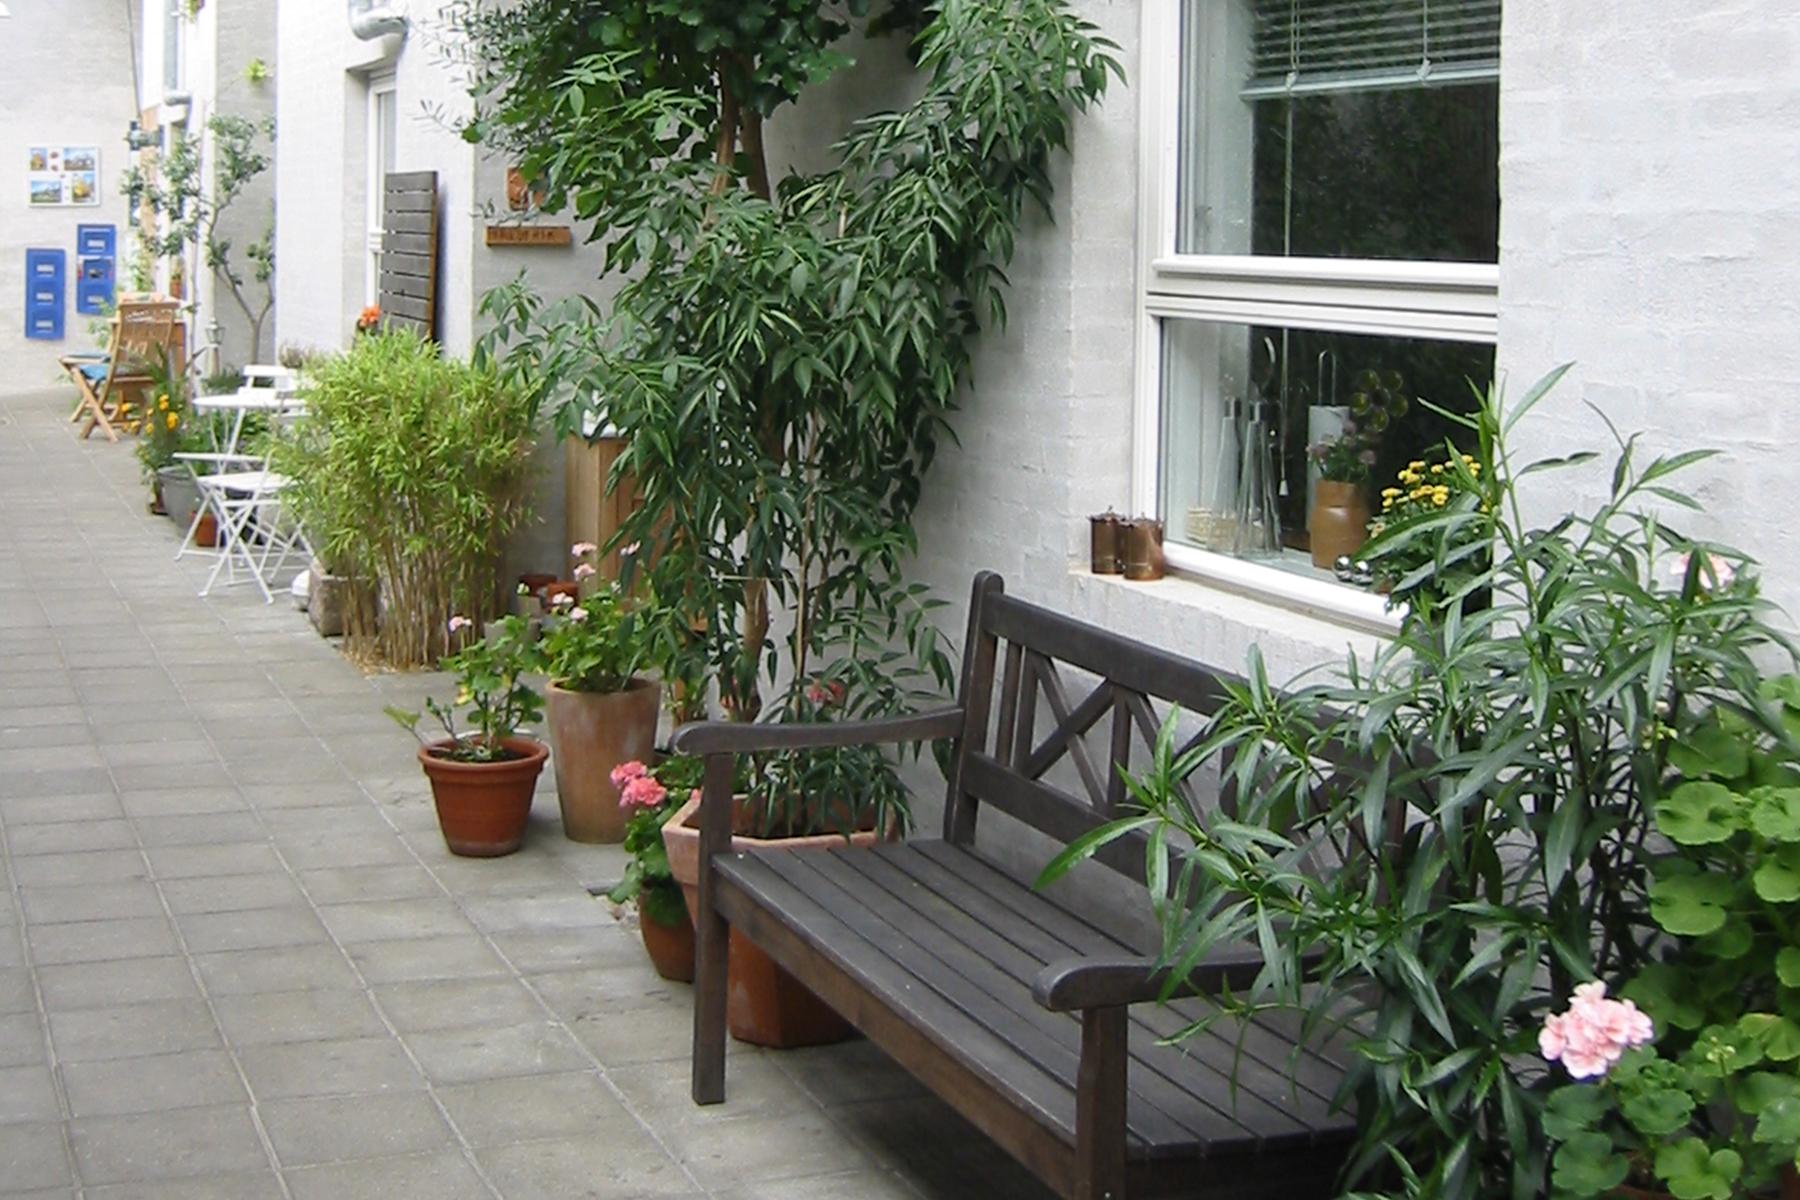 Adelan 1 Cohousing  in Randers, DK. Designed by Peter Krogh